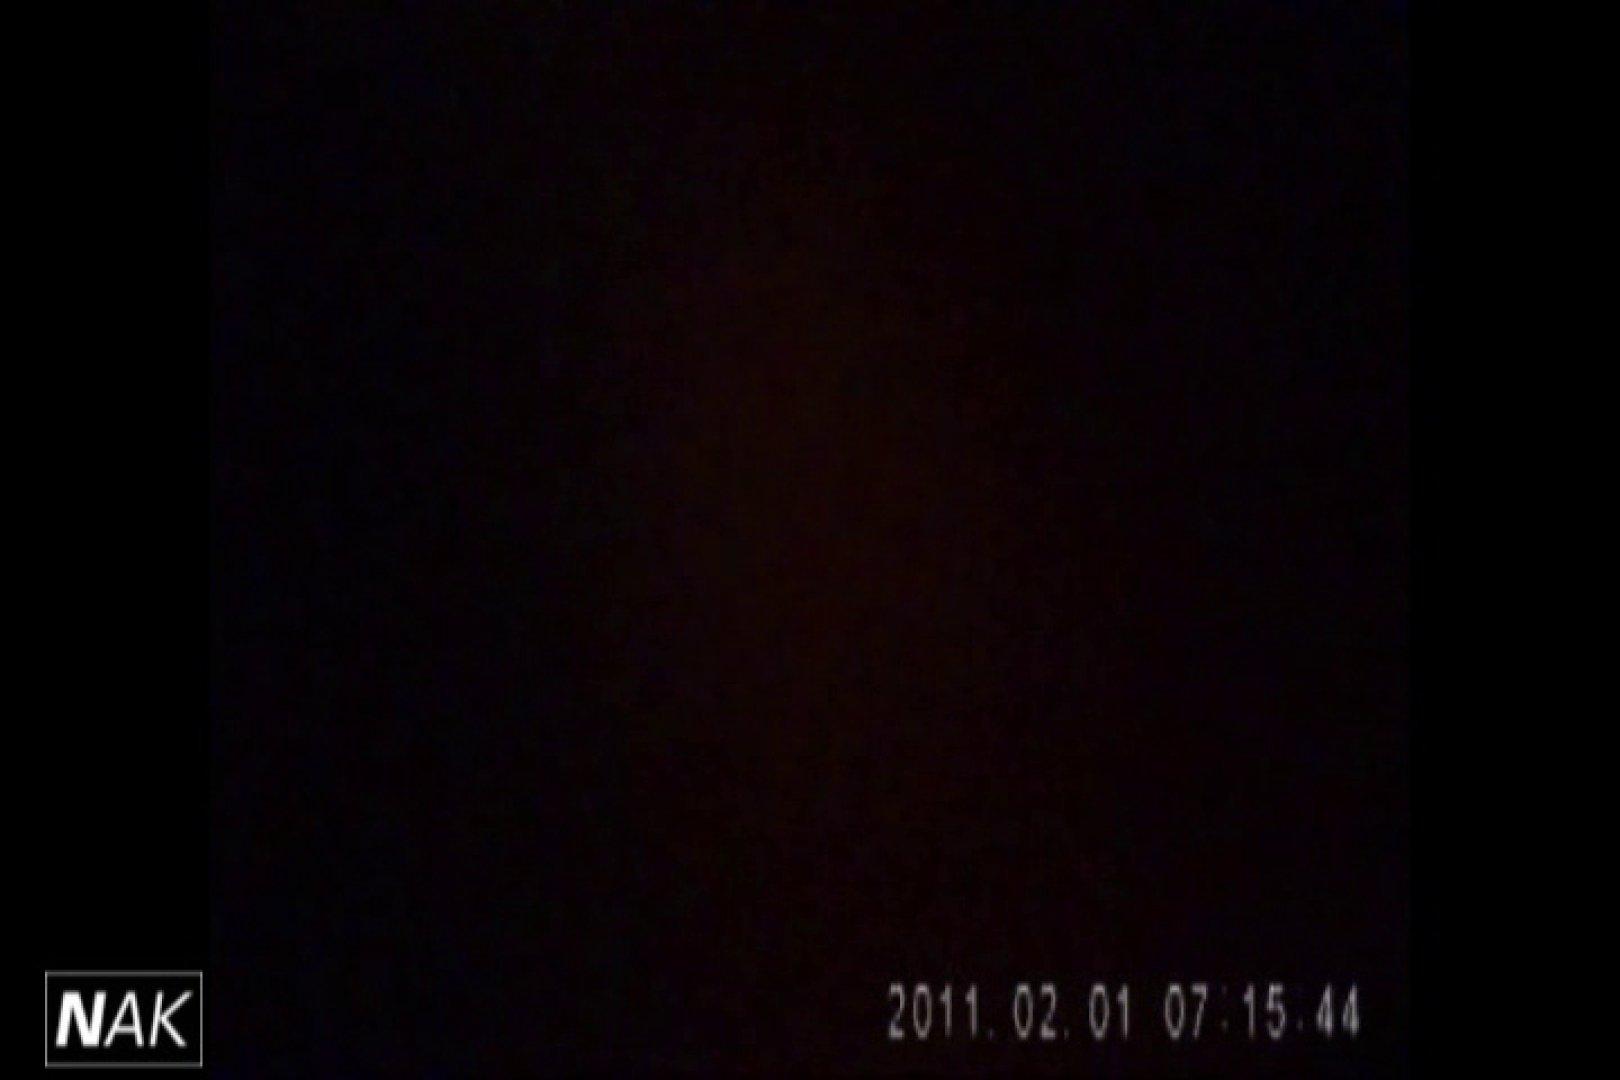 せん八さんの厠観察日記!2点監視カメラ 高画質5000K vol.19 OLセックス  61画像 15